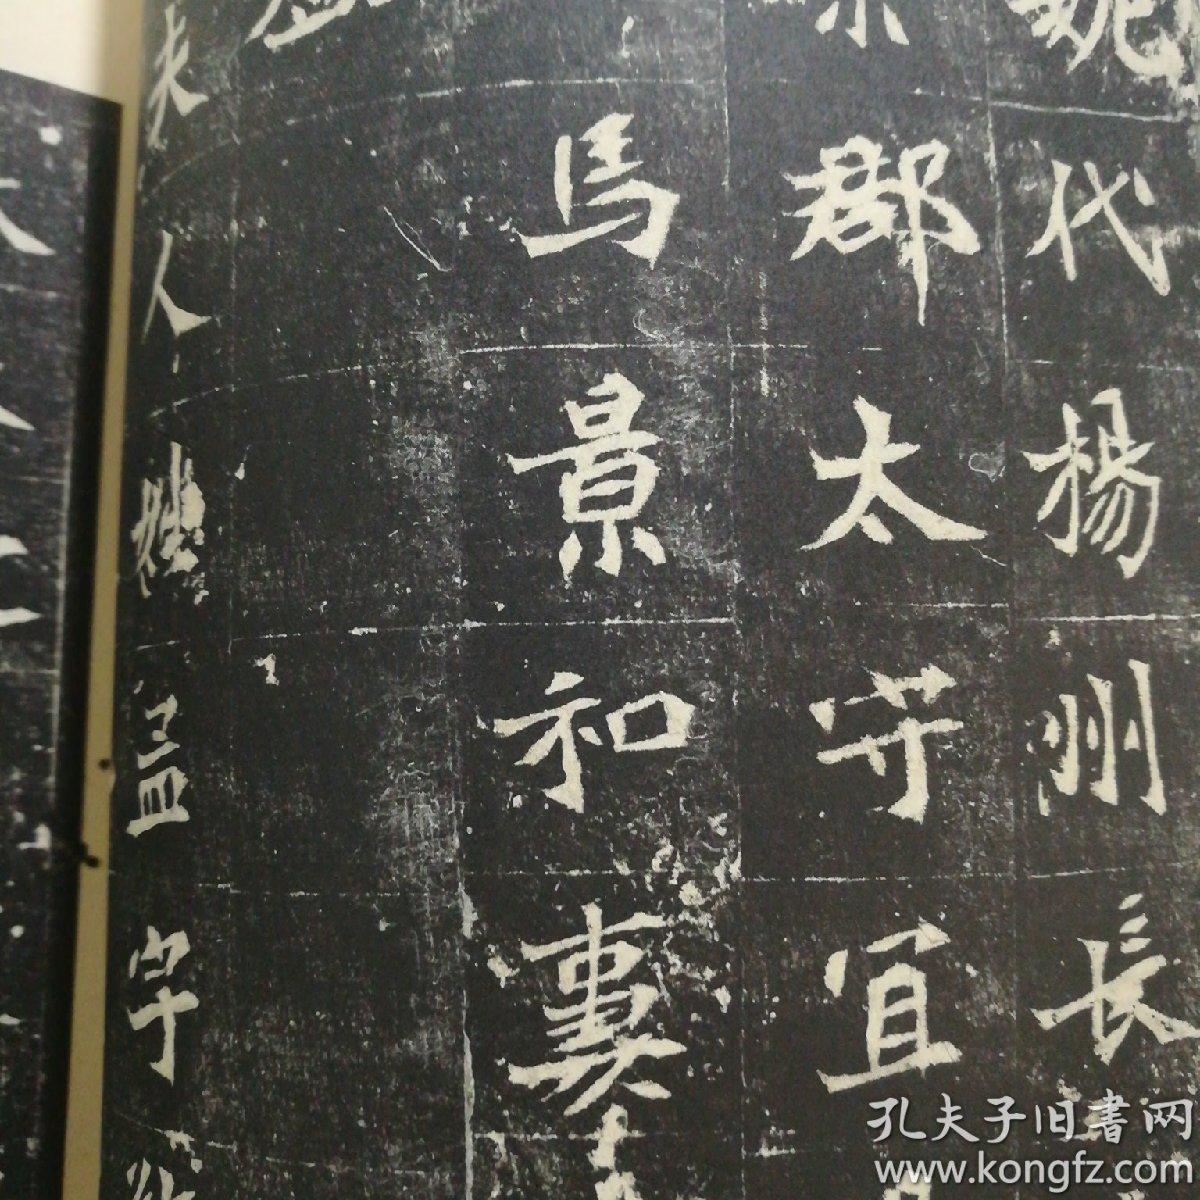 重庆时时彩4昞-l9b�Y��_司马昞妻孟敬训墓志